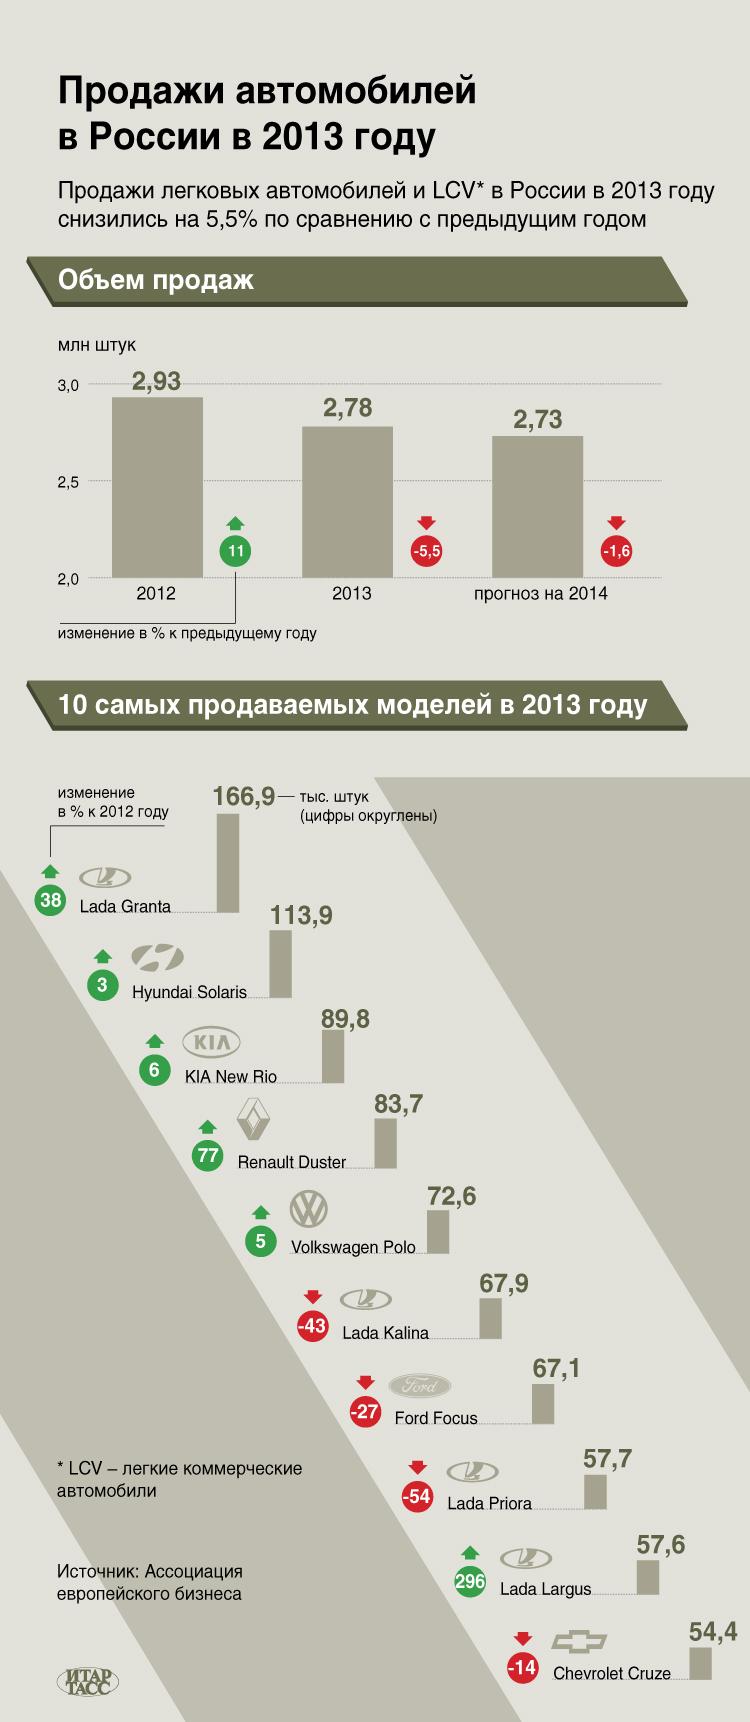 Продажи автомобилей в России в 2013 году